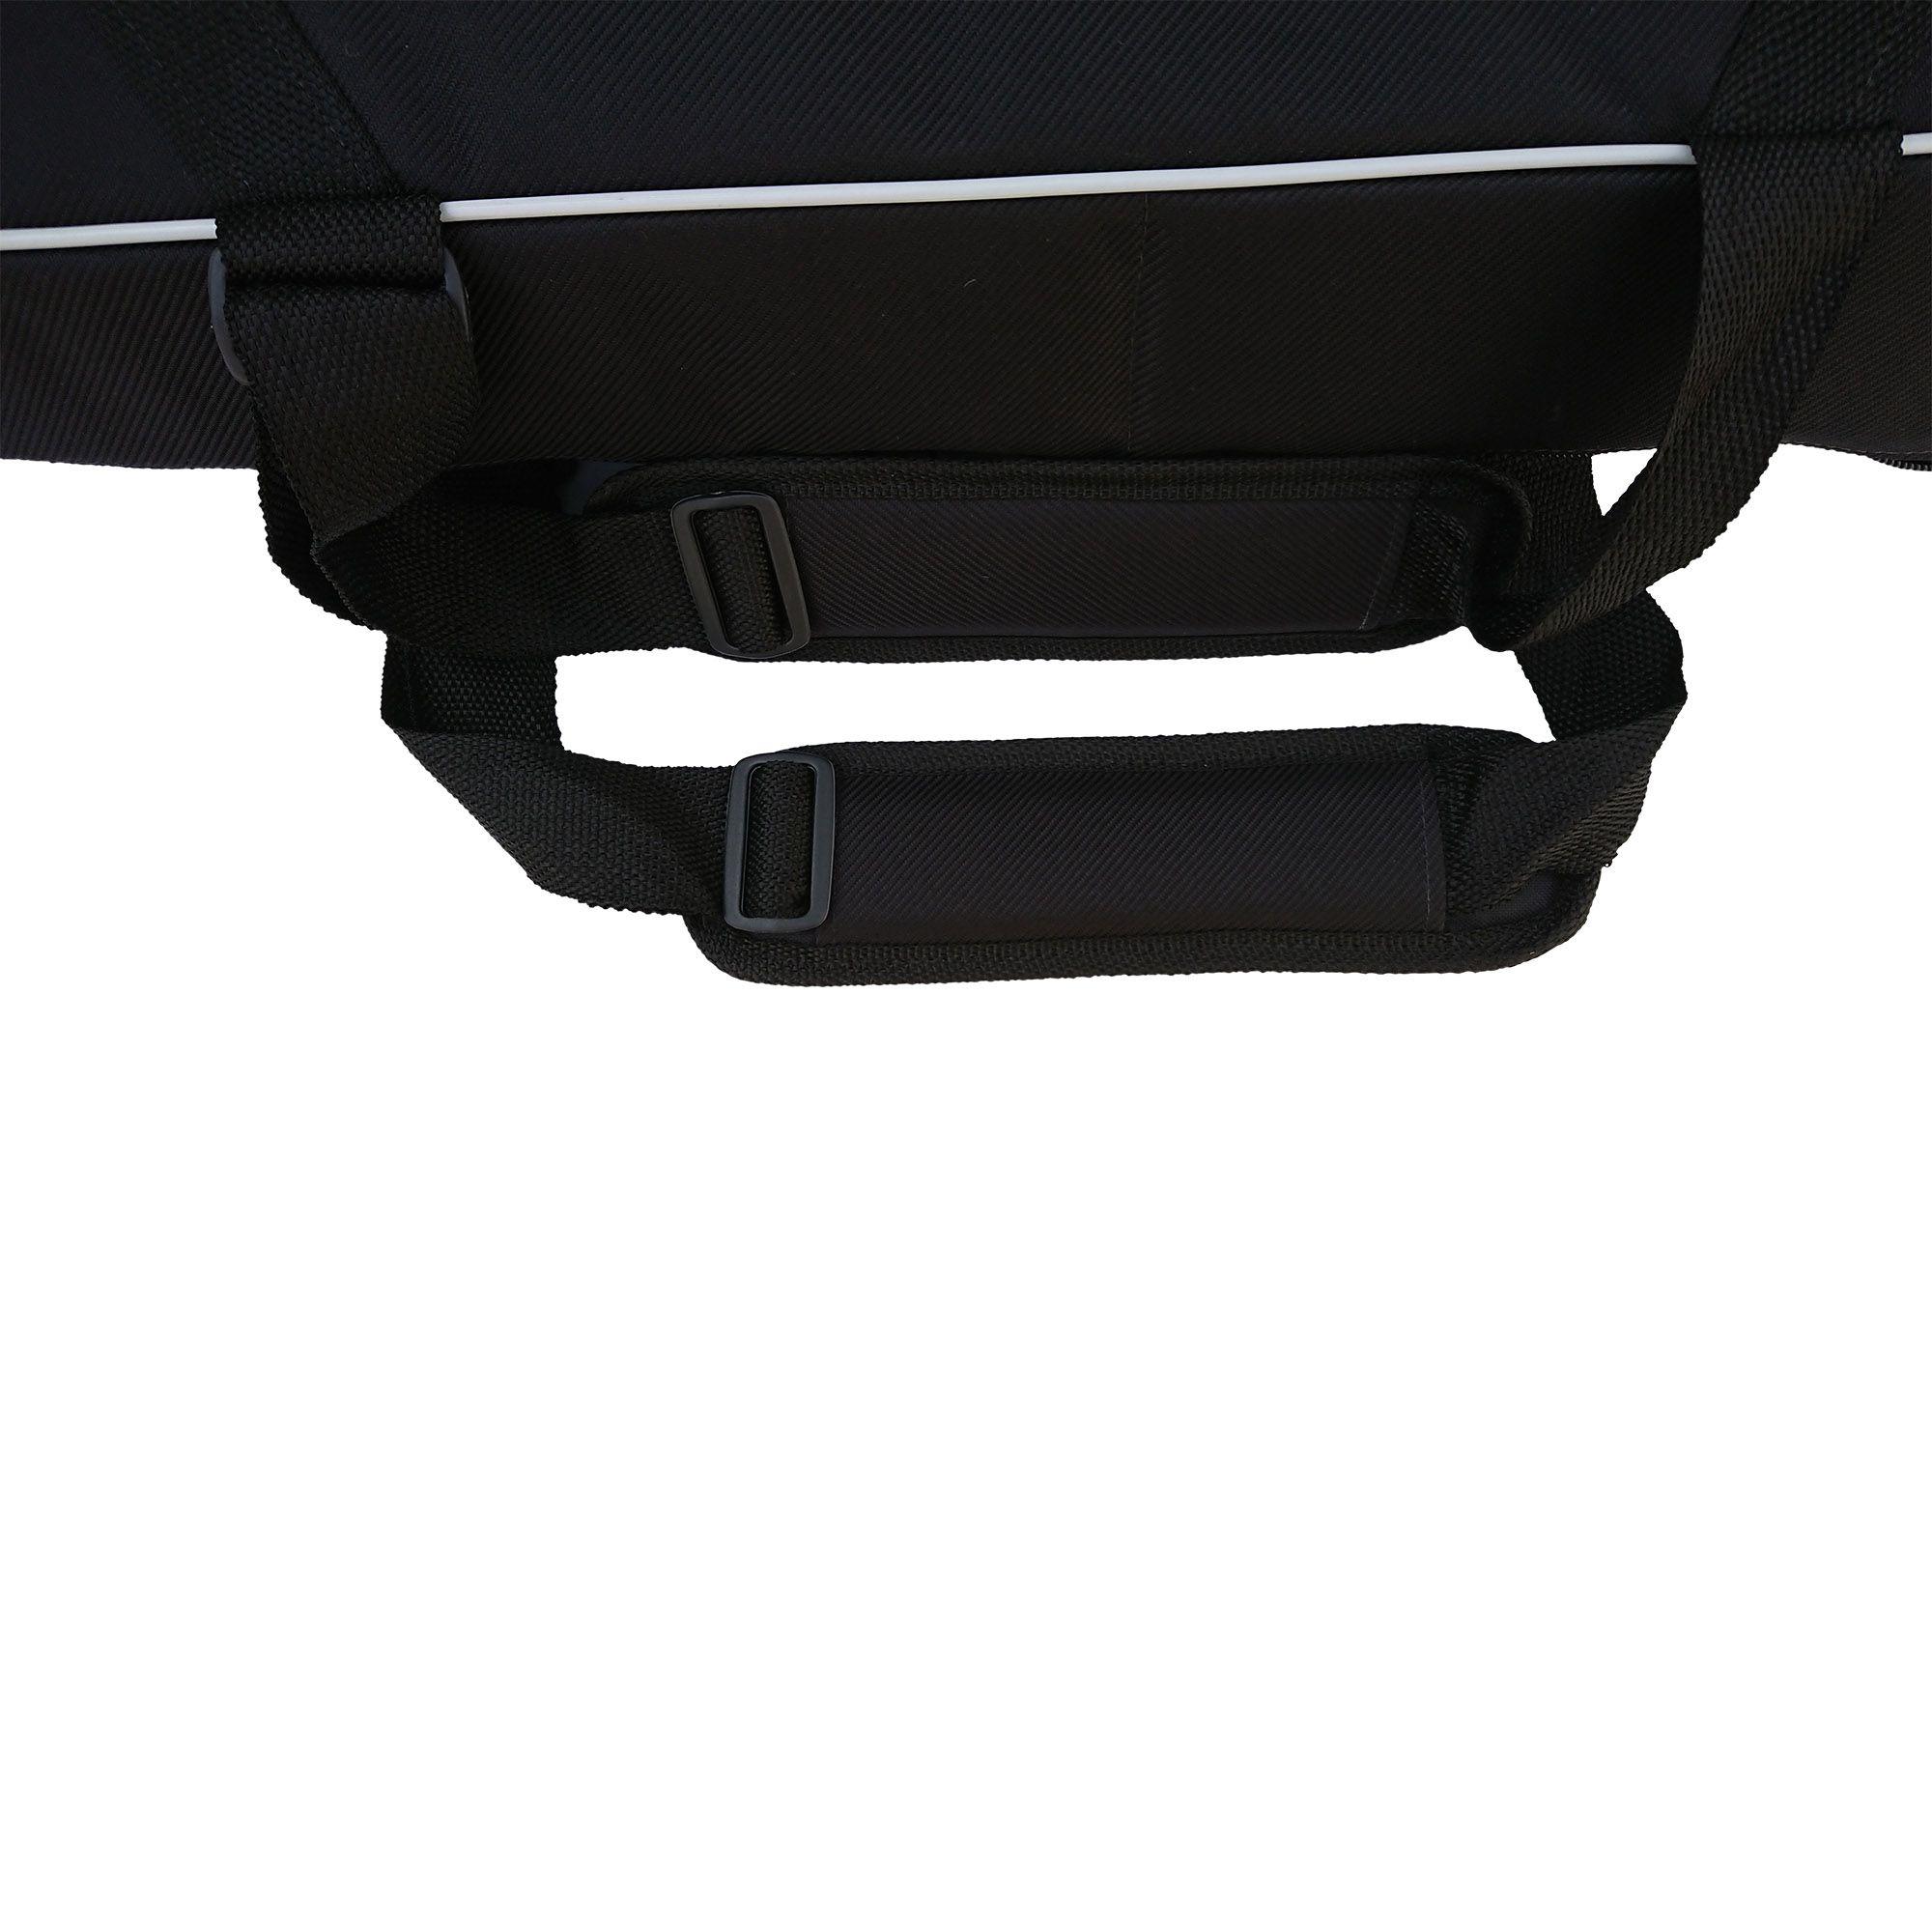 Capa Bag Semi Case Premium para teclado Roland XPS 10, UMX 610, yamaha e outros  (101 x 23 x 10 cm)